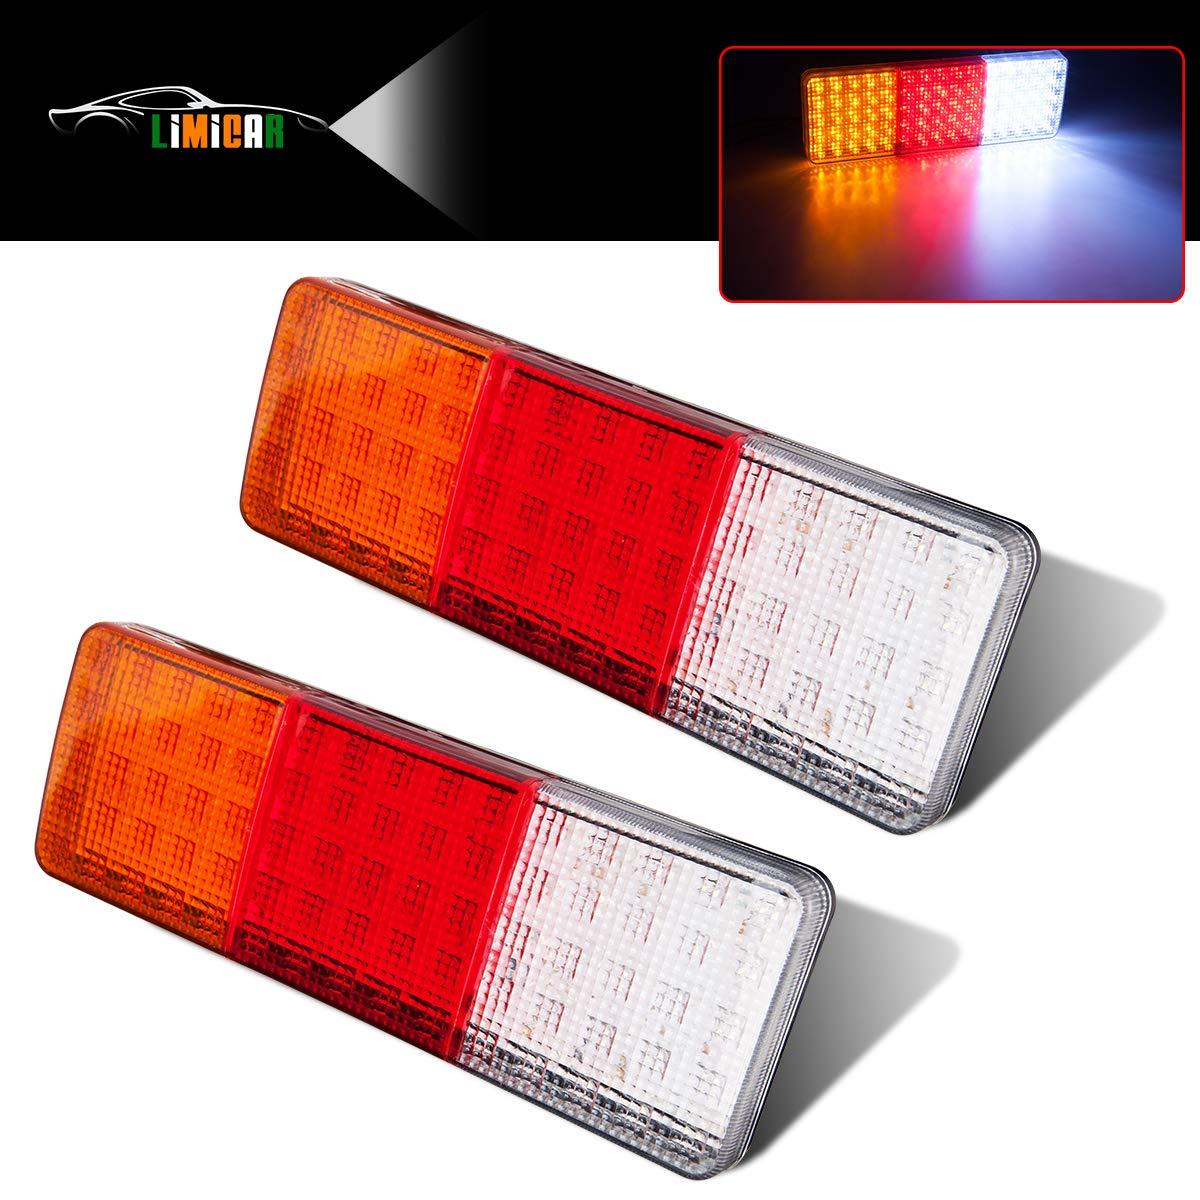 LIMICAR 75 LED Truck Tail Light Bar Waterproof Turn Signal Brake Reverse Running Taillight for Truck Boat Trailer Pickup RV Camper UTV UTE Vans (2PCS)